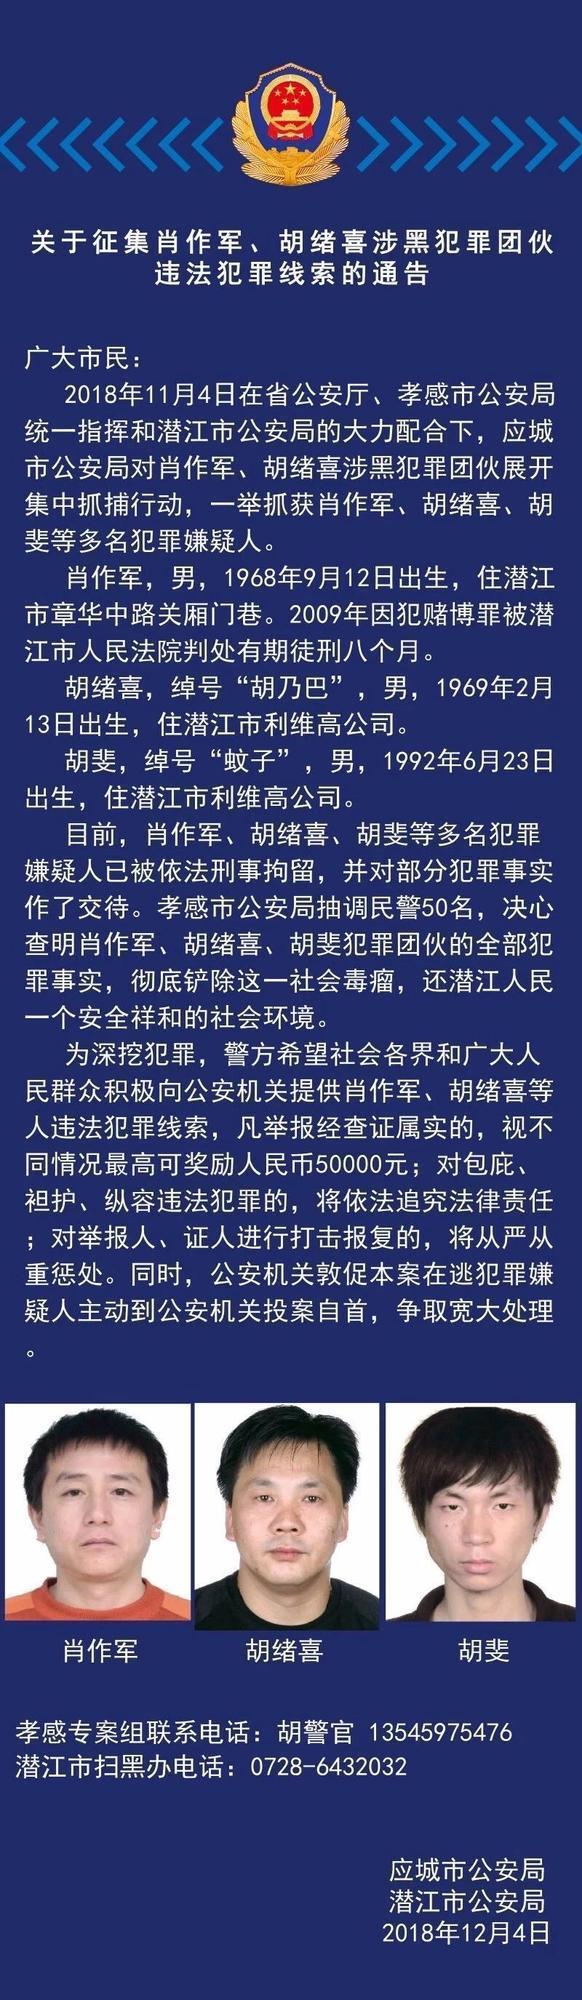 潜江征集涉黑团伙违法犯罪线索 最高奖励5万元